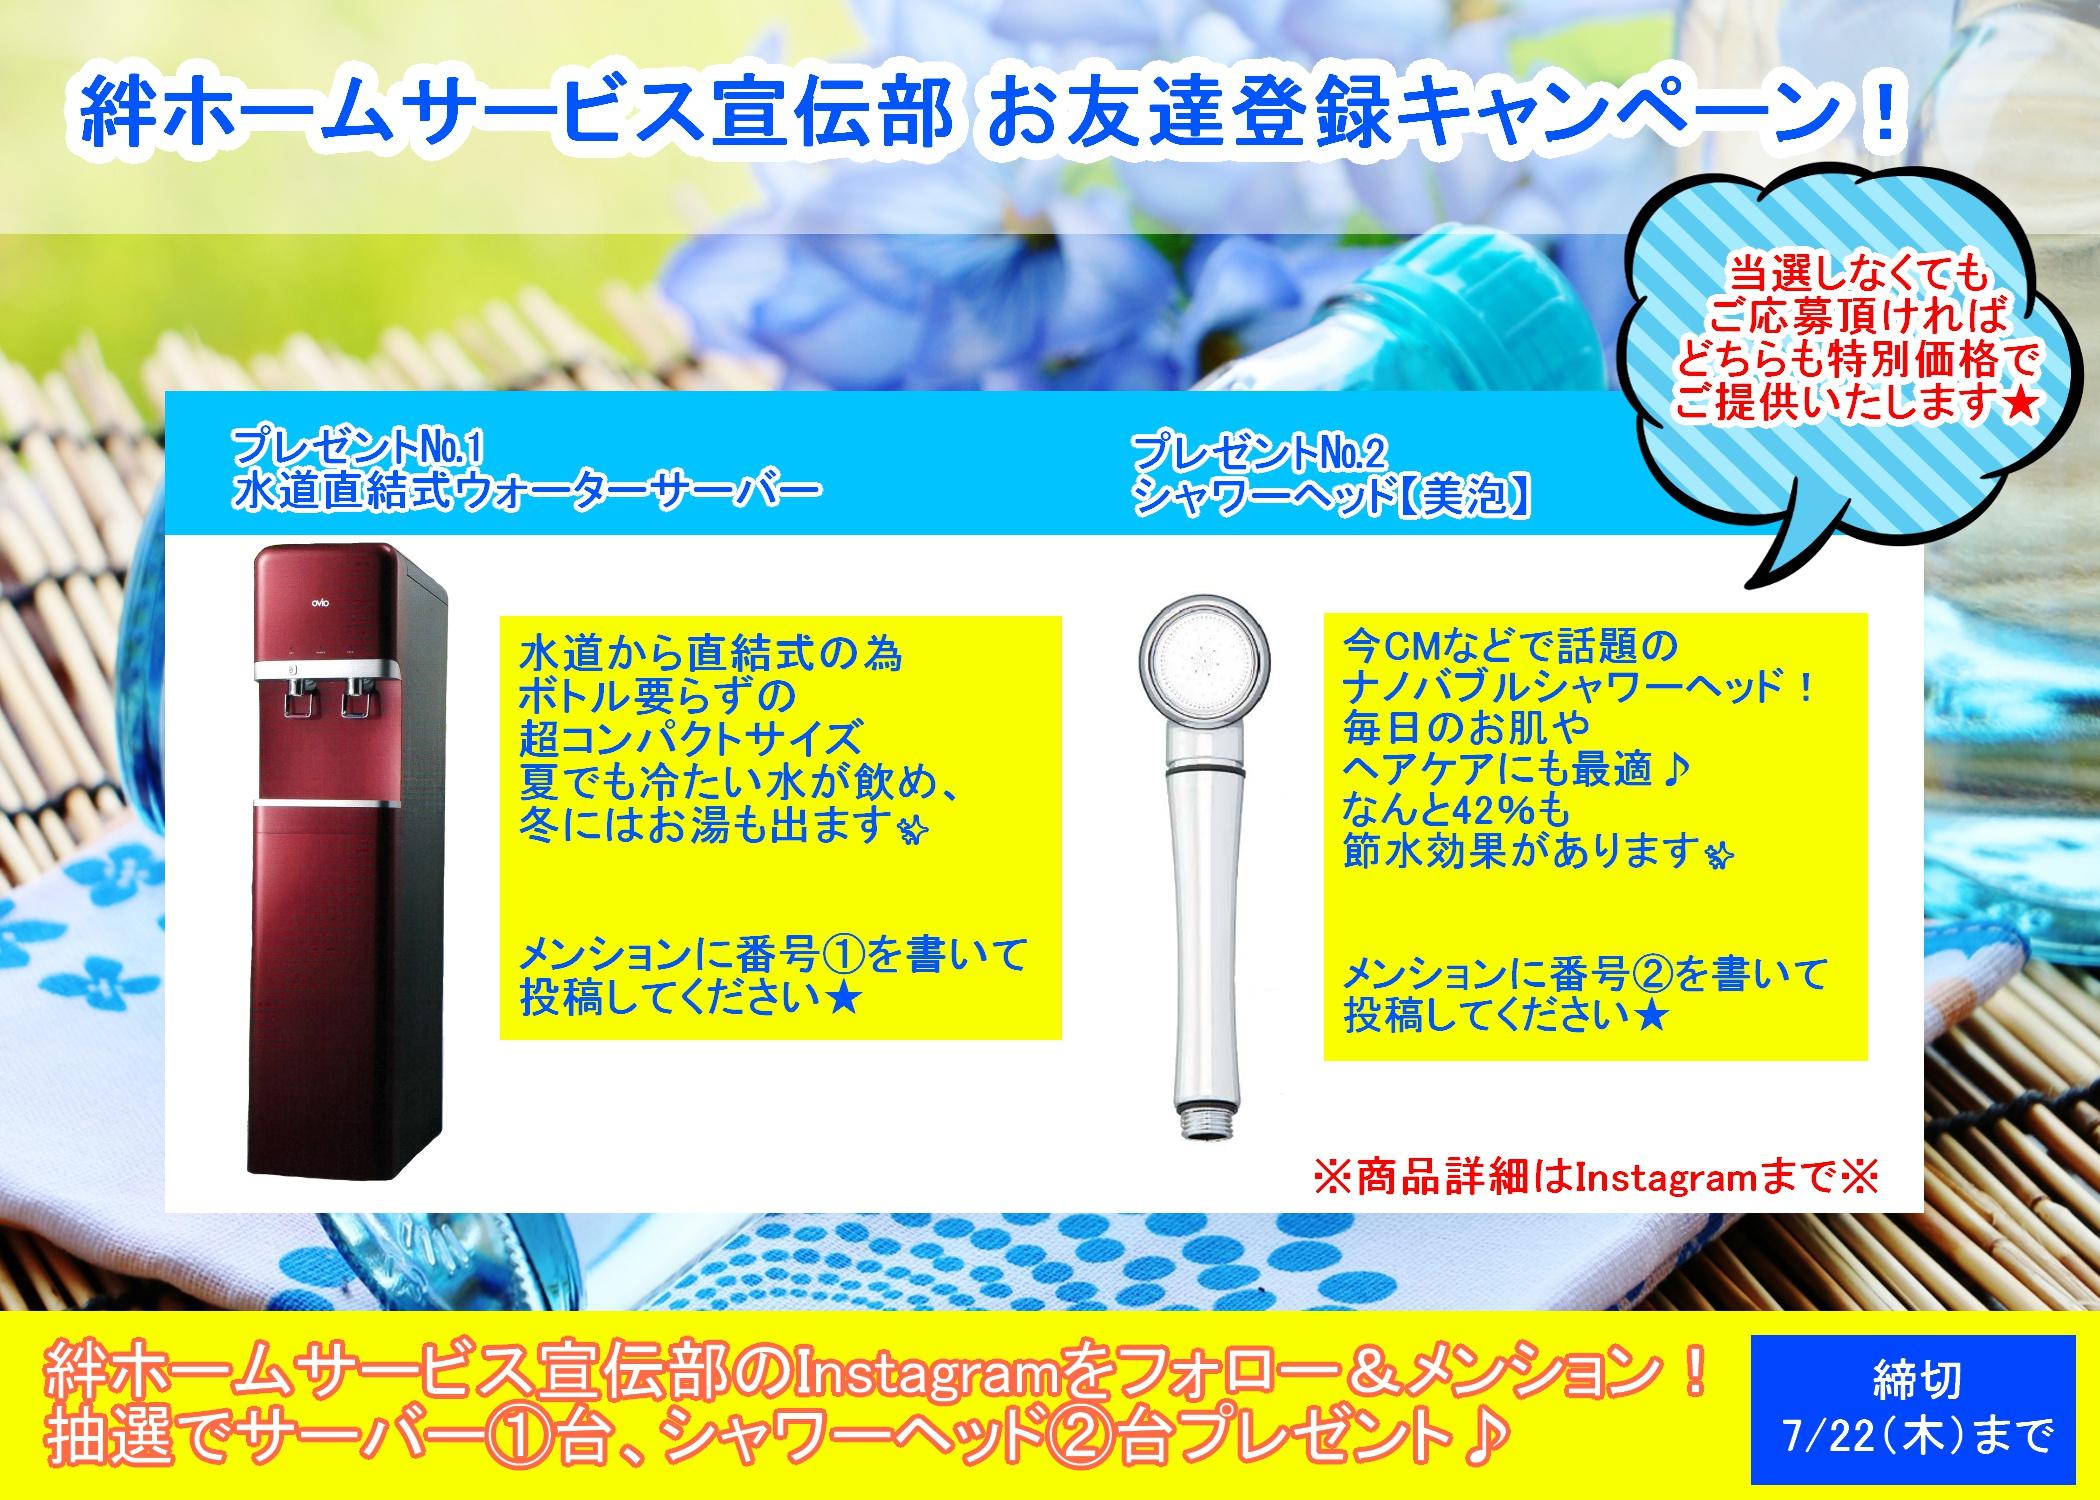 絆ホームサービス宣伝部 の Instagram より プレゼント企画 実施中 !!